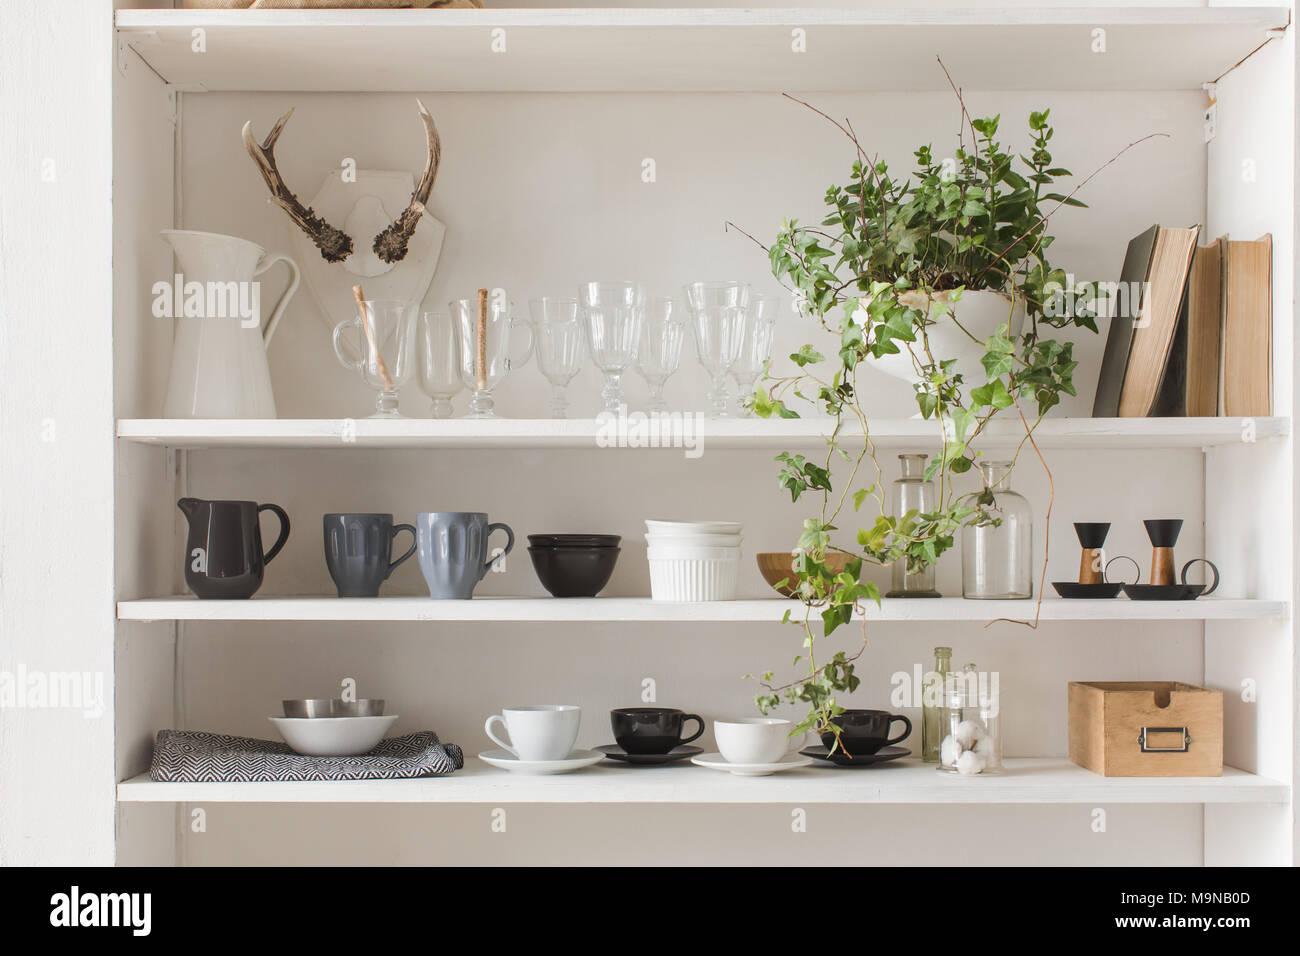 Küche Schrank oder einen Schrank für Geschirr Stockfoto, Bild ...